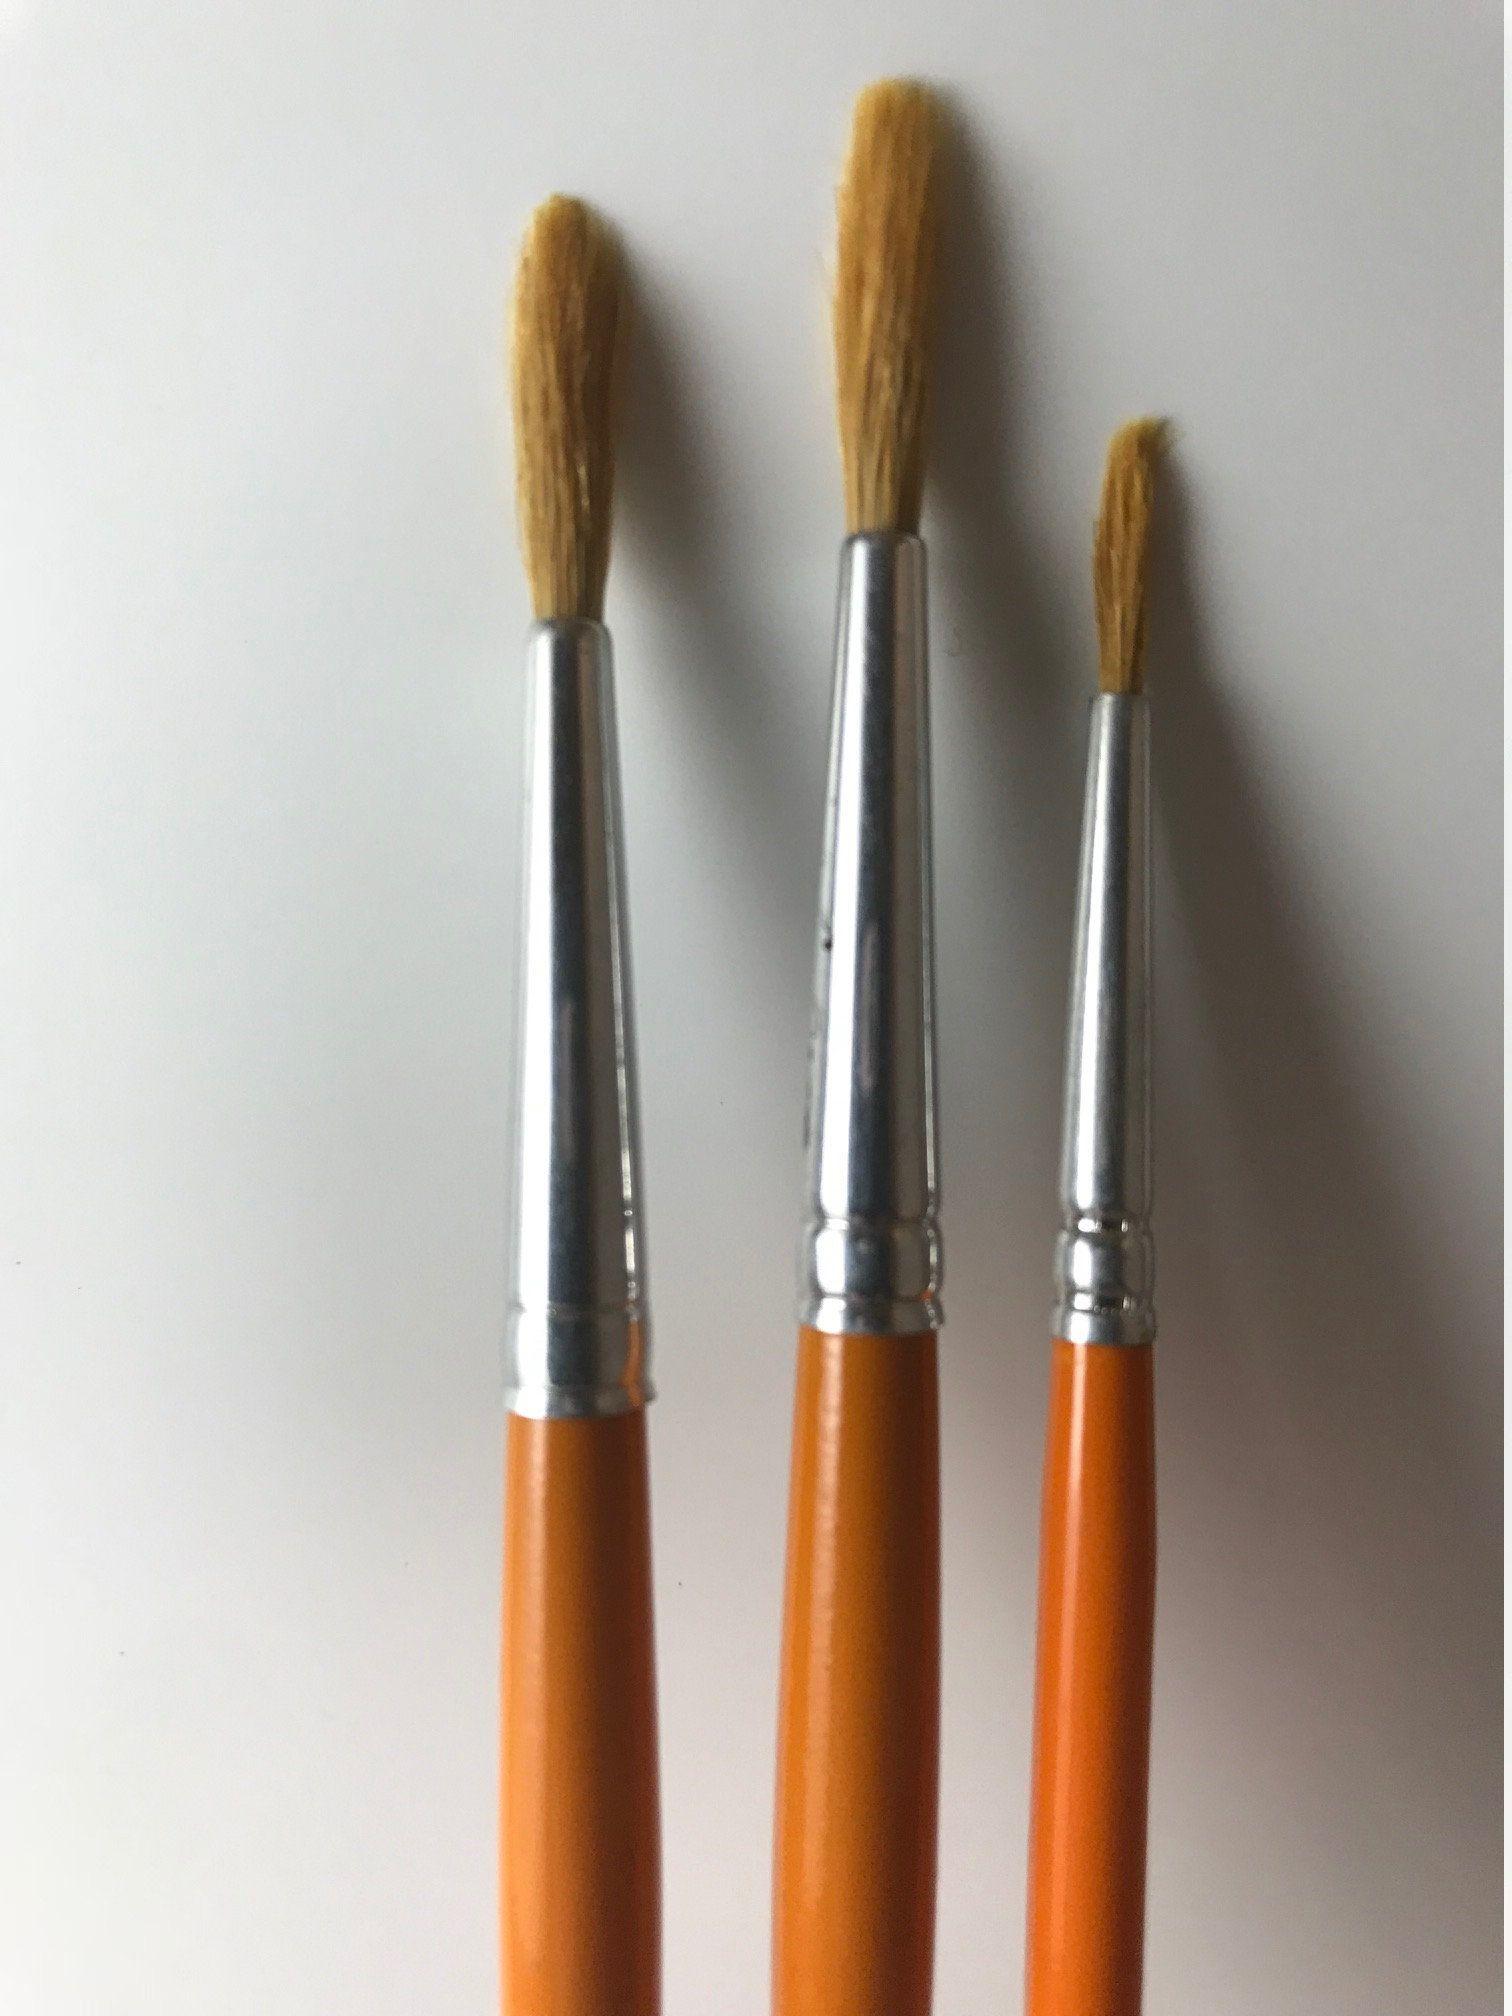 No Acrylix Brush Round 1 202 Short Handled